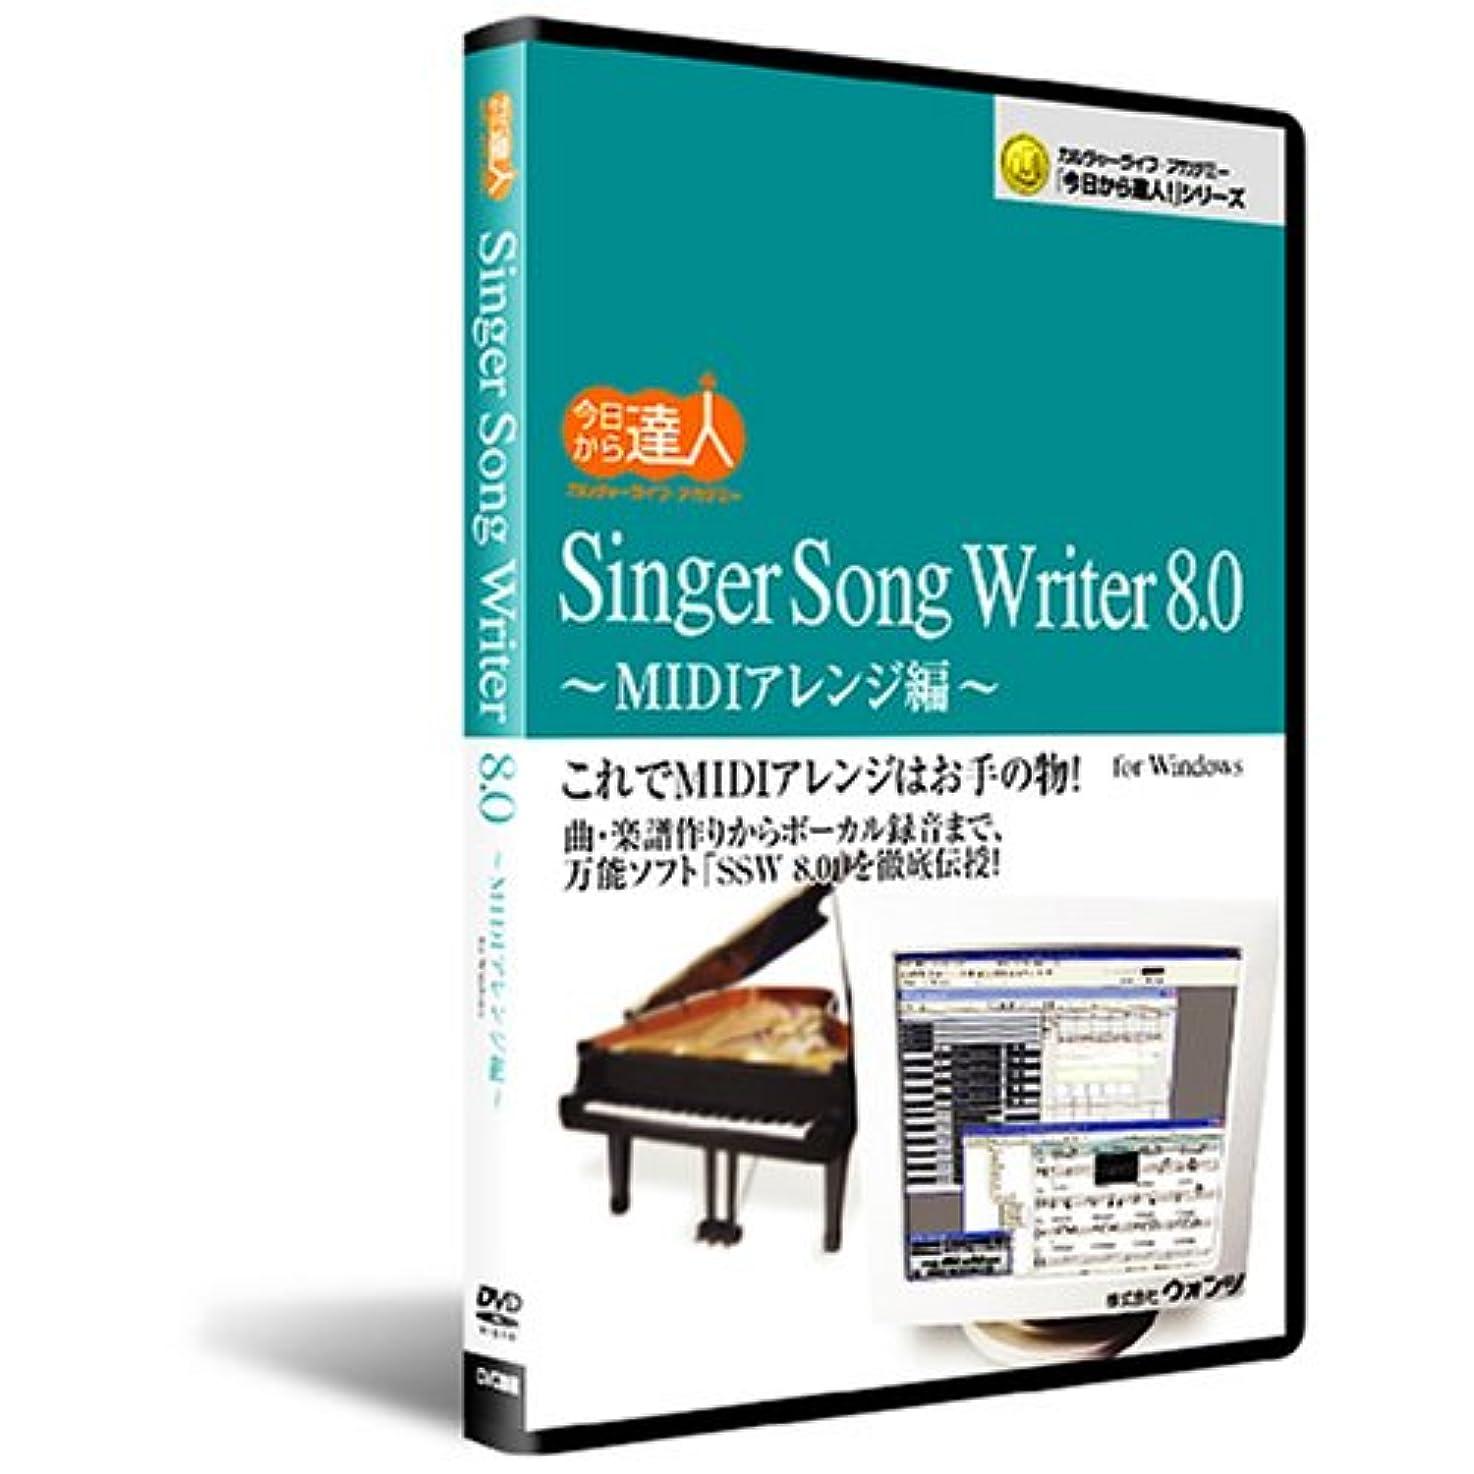 Singer Song Writer 8.0:DVD講座応用編 MIDIアレンジ編